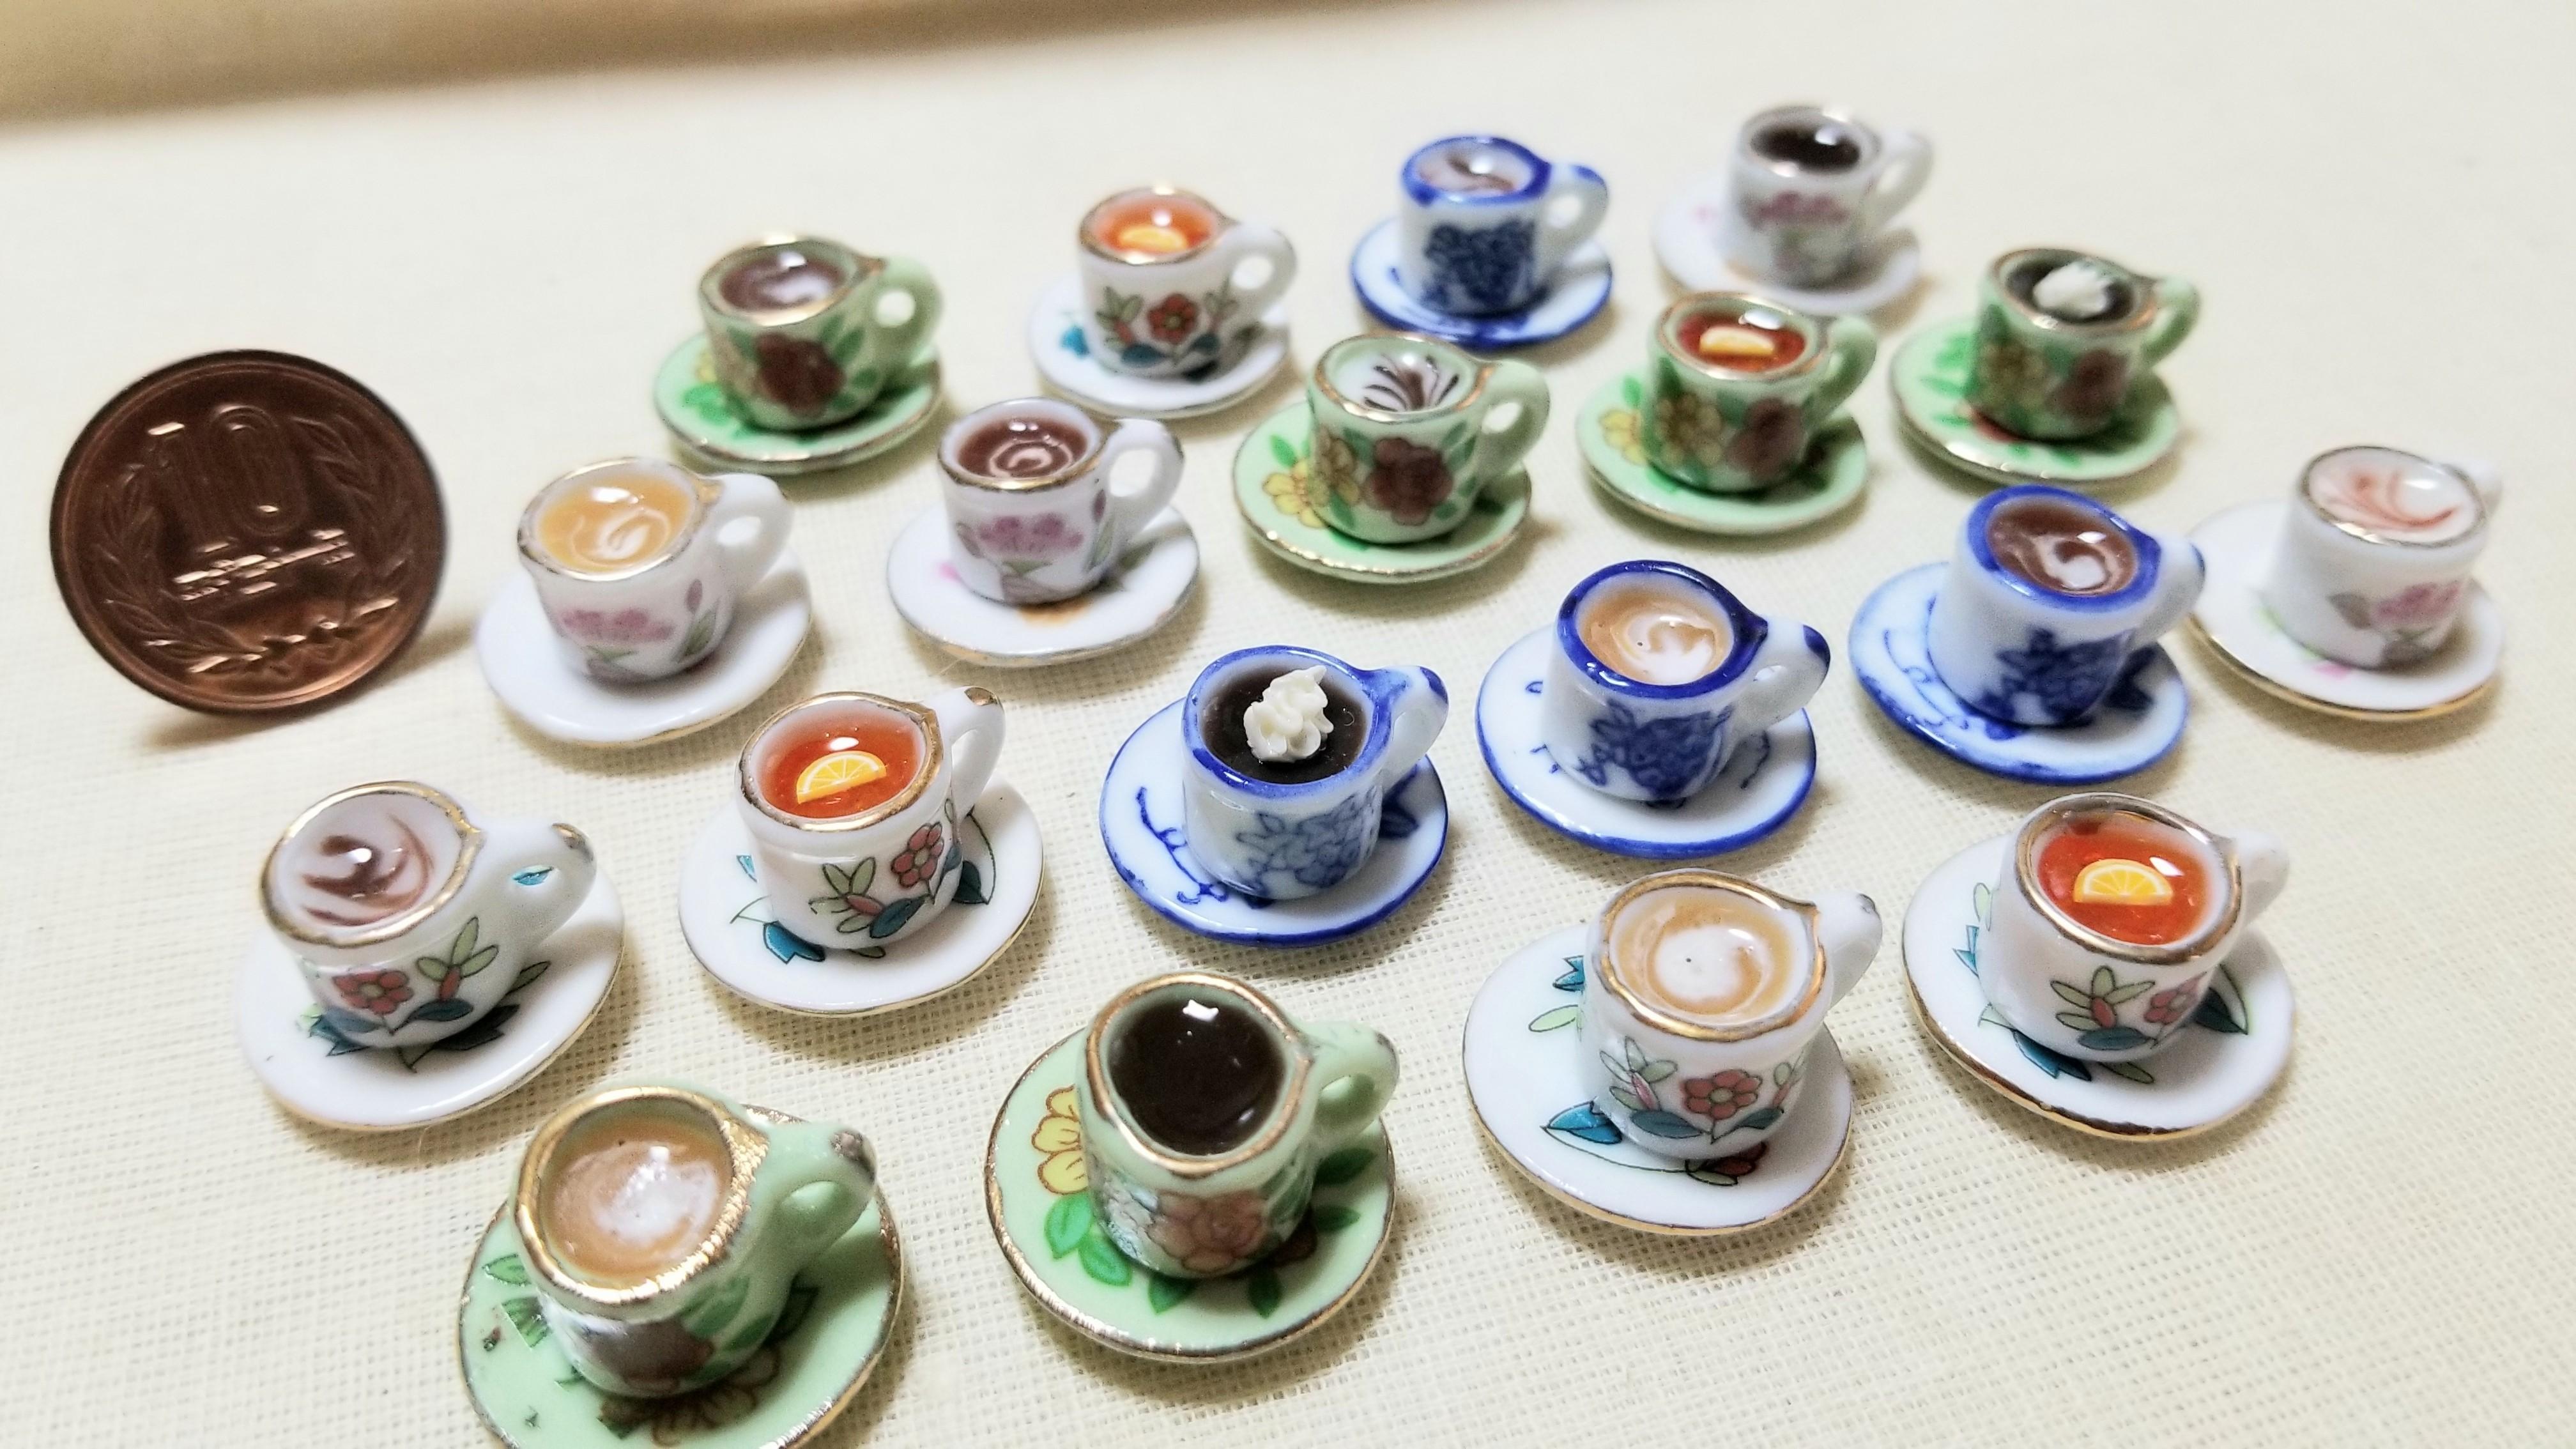 四国愛媛県おすすめ大人気お祭りイベントフェスティバルハンドメイド